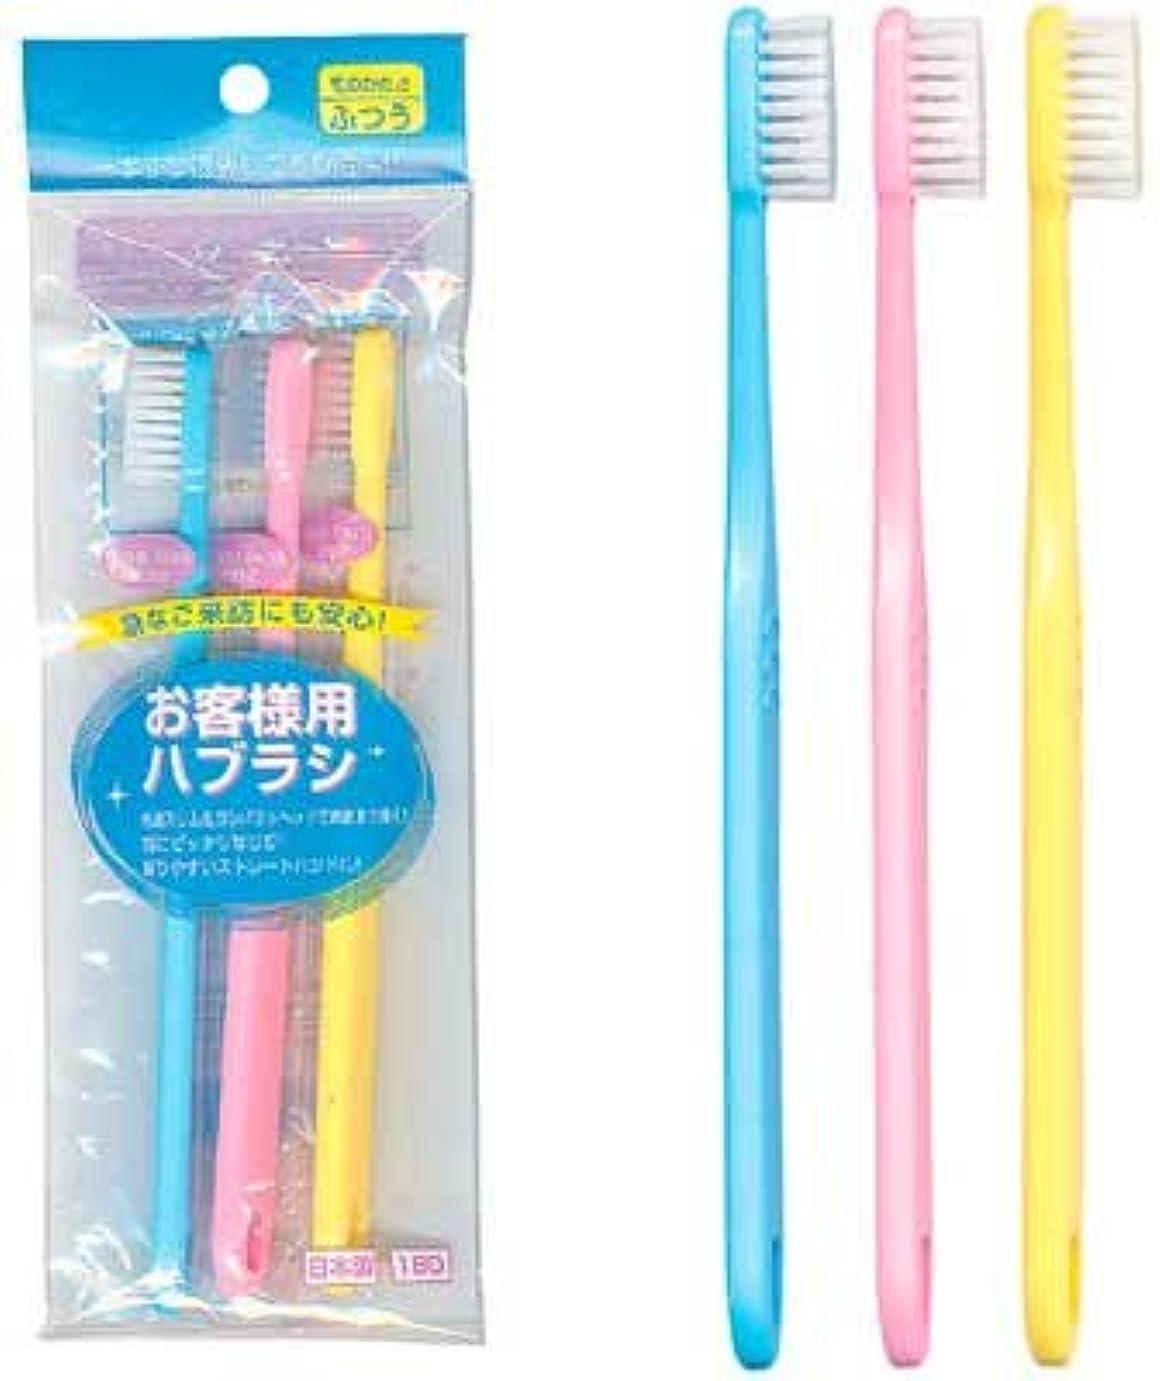 感覚移住するマンモスお客様用歯ブラシ(3P) 【まとめ買い12個セット】 41-006